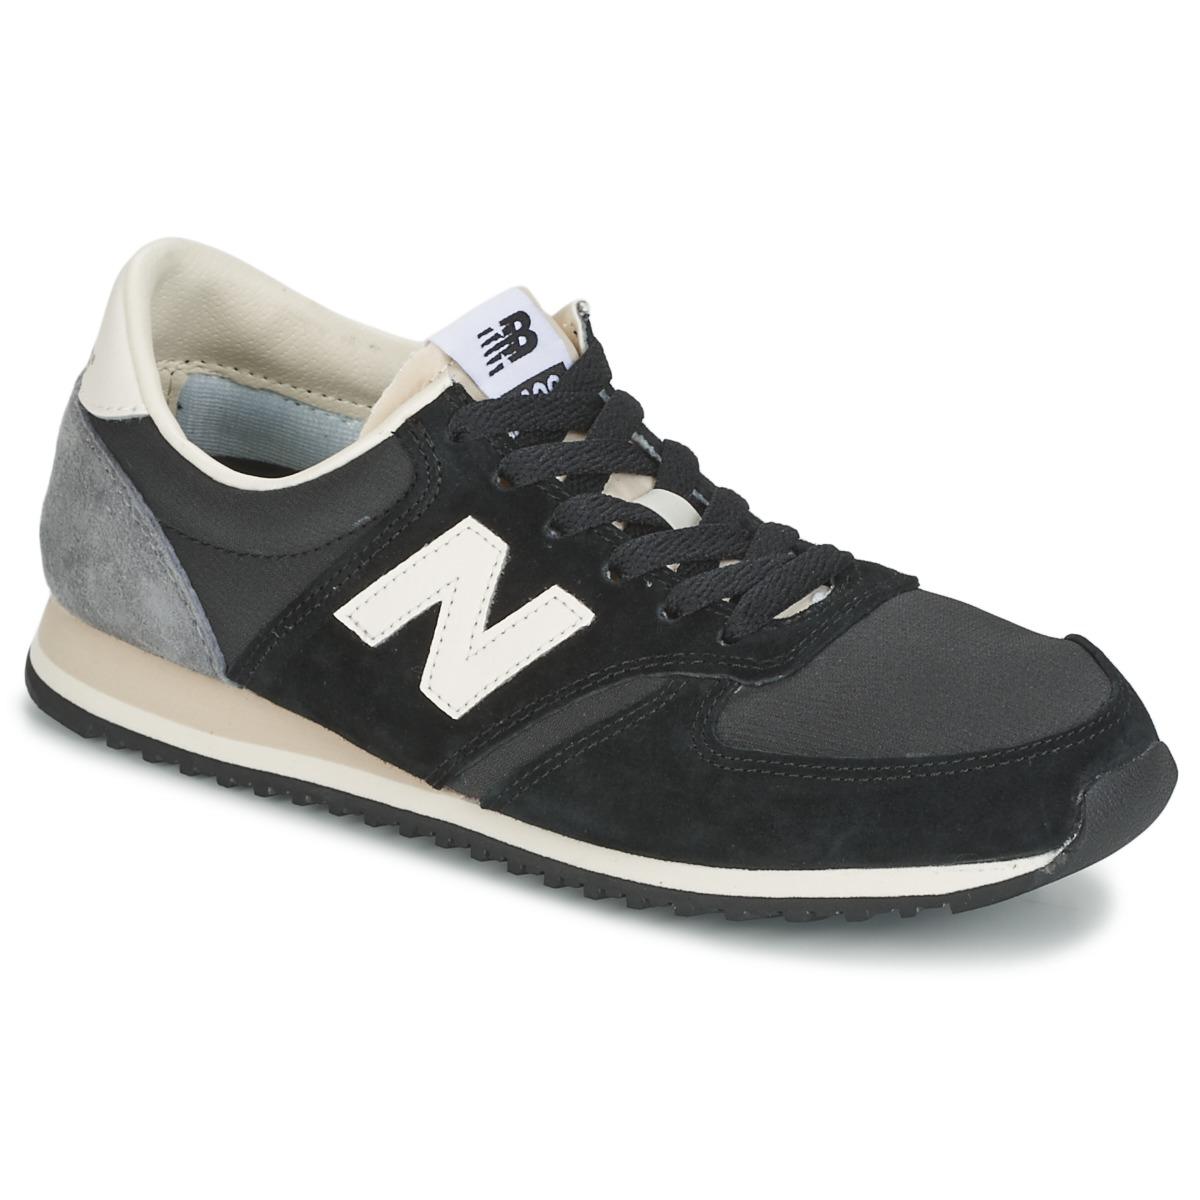 New balance u420 noir chaussure pas cher avec - New balance u420 noir pas cher ...